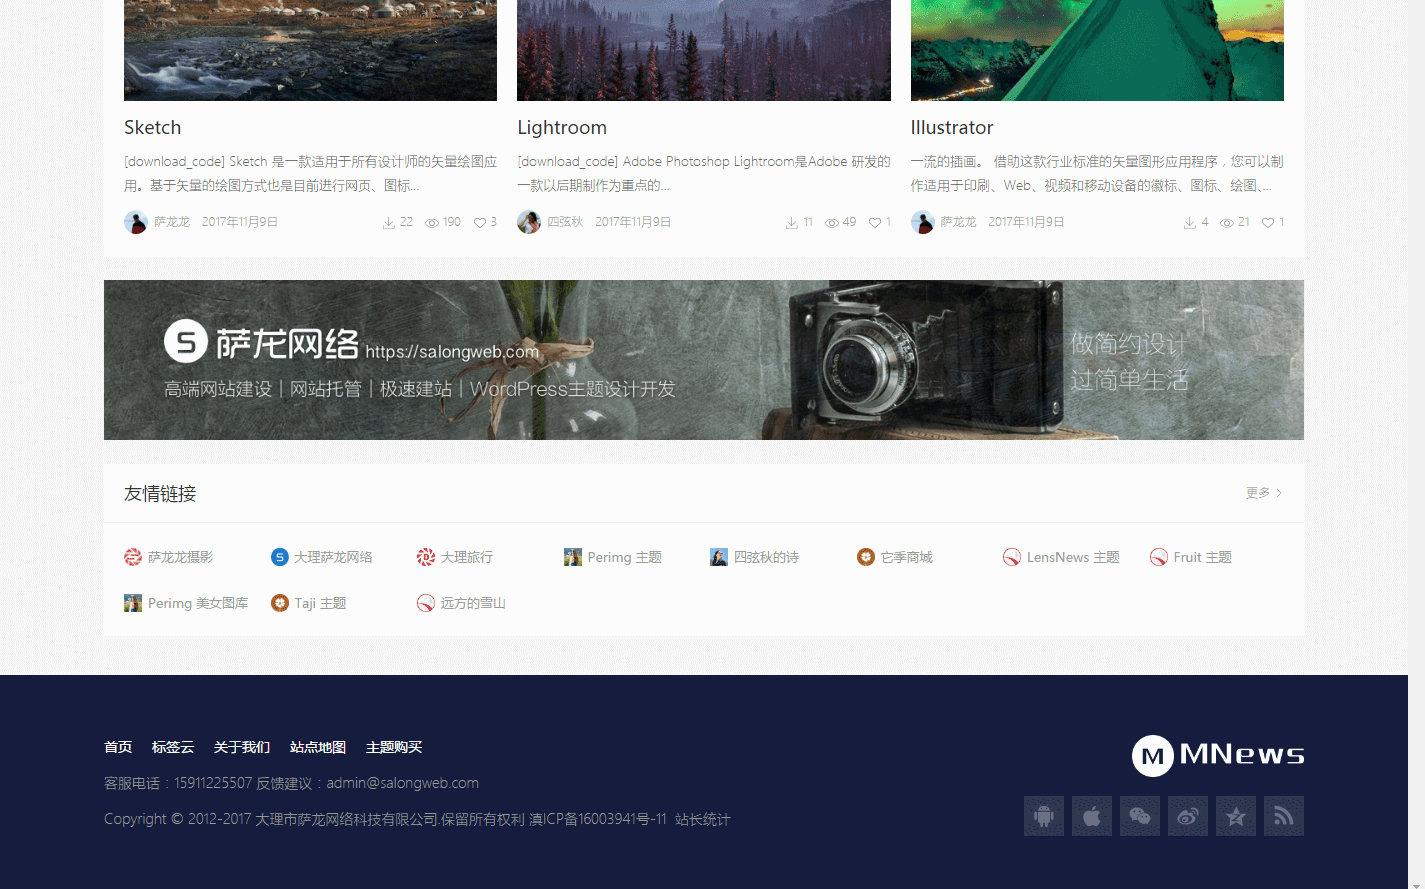 价值998元的WordPress自媒体MNews2.4版本主题下载 第4张